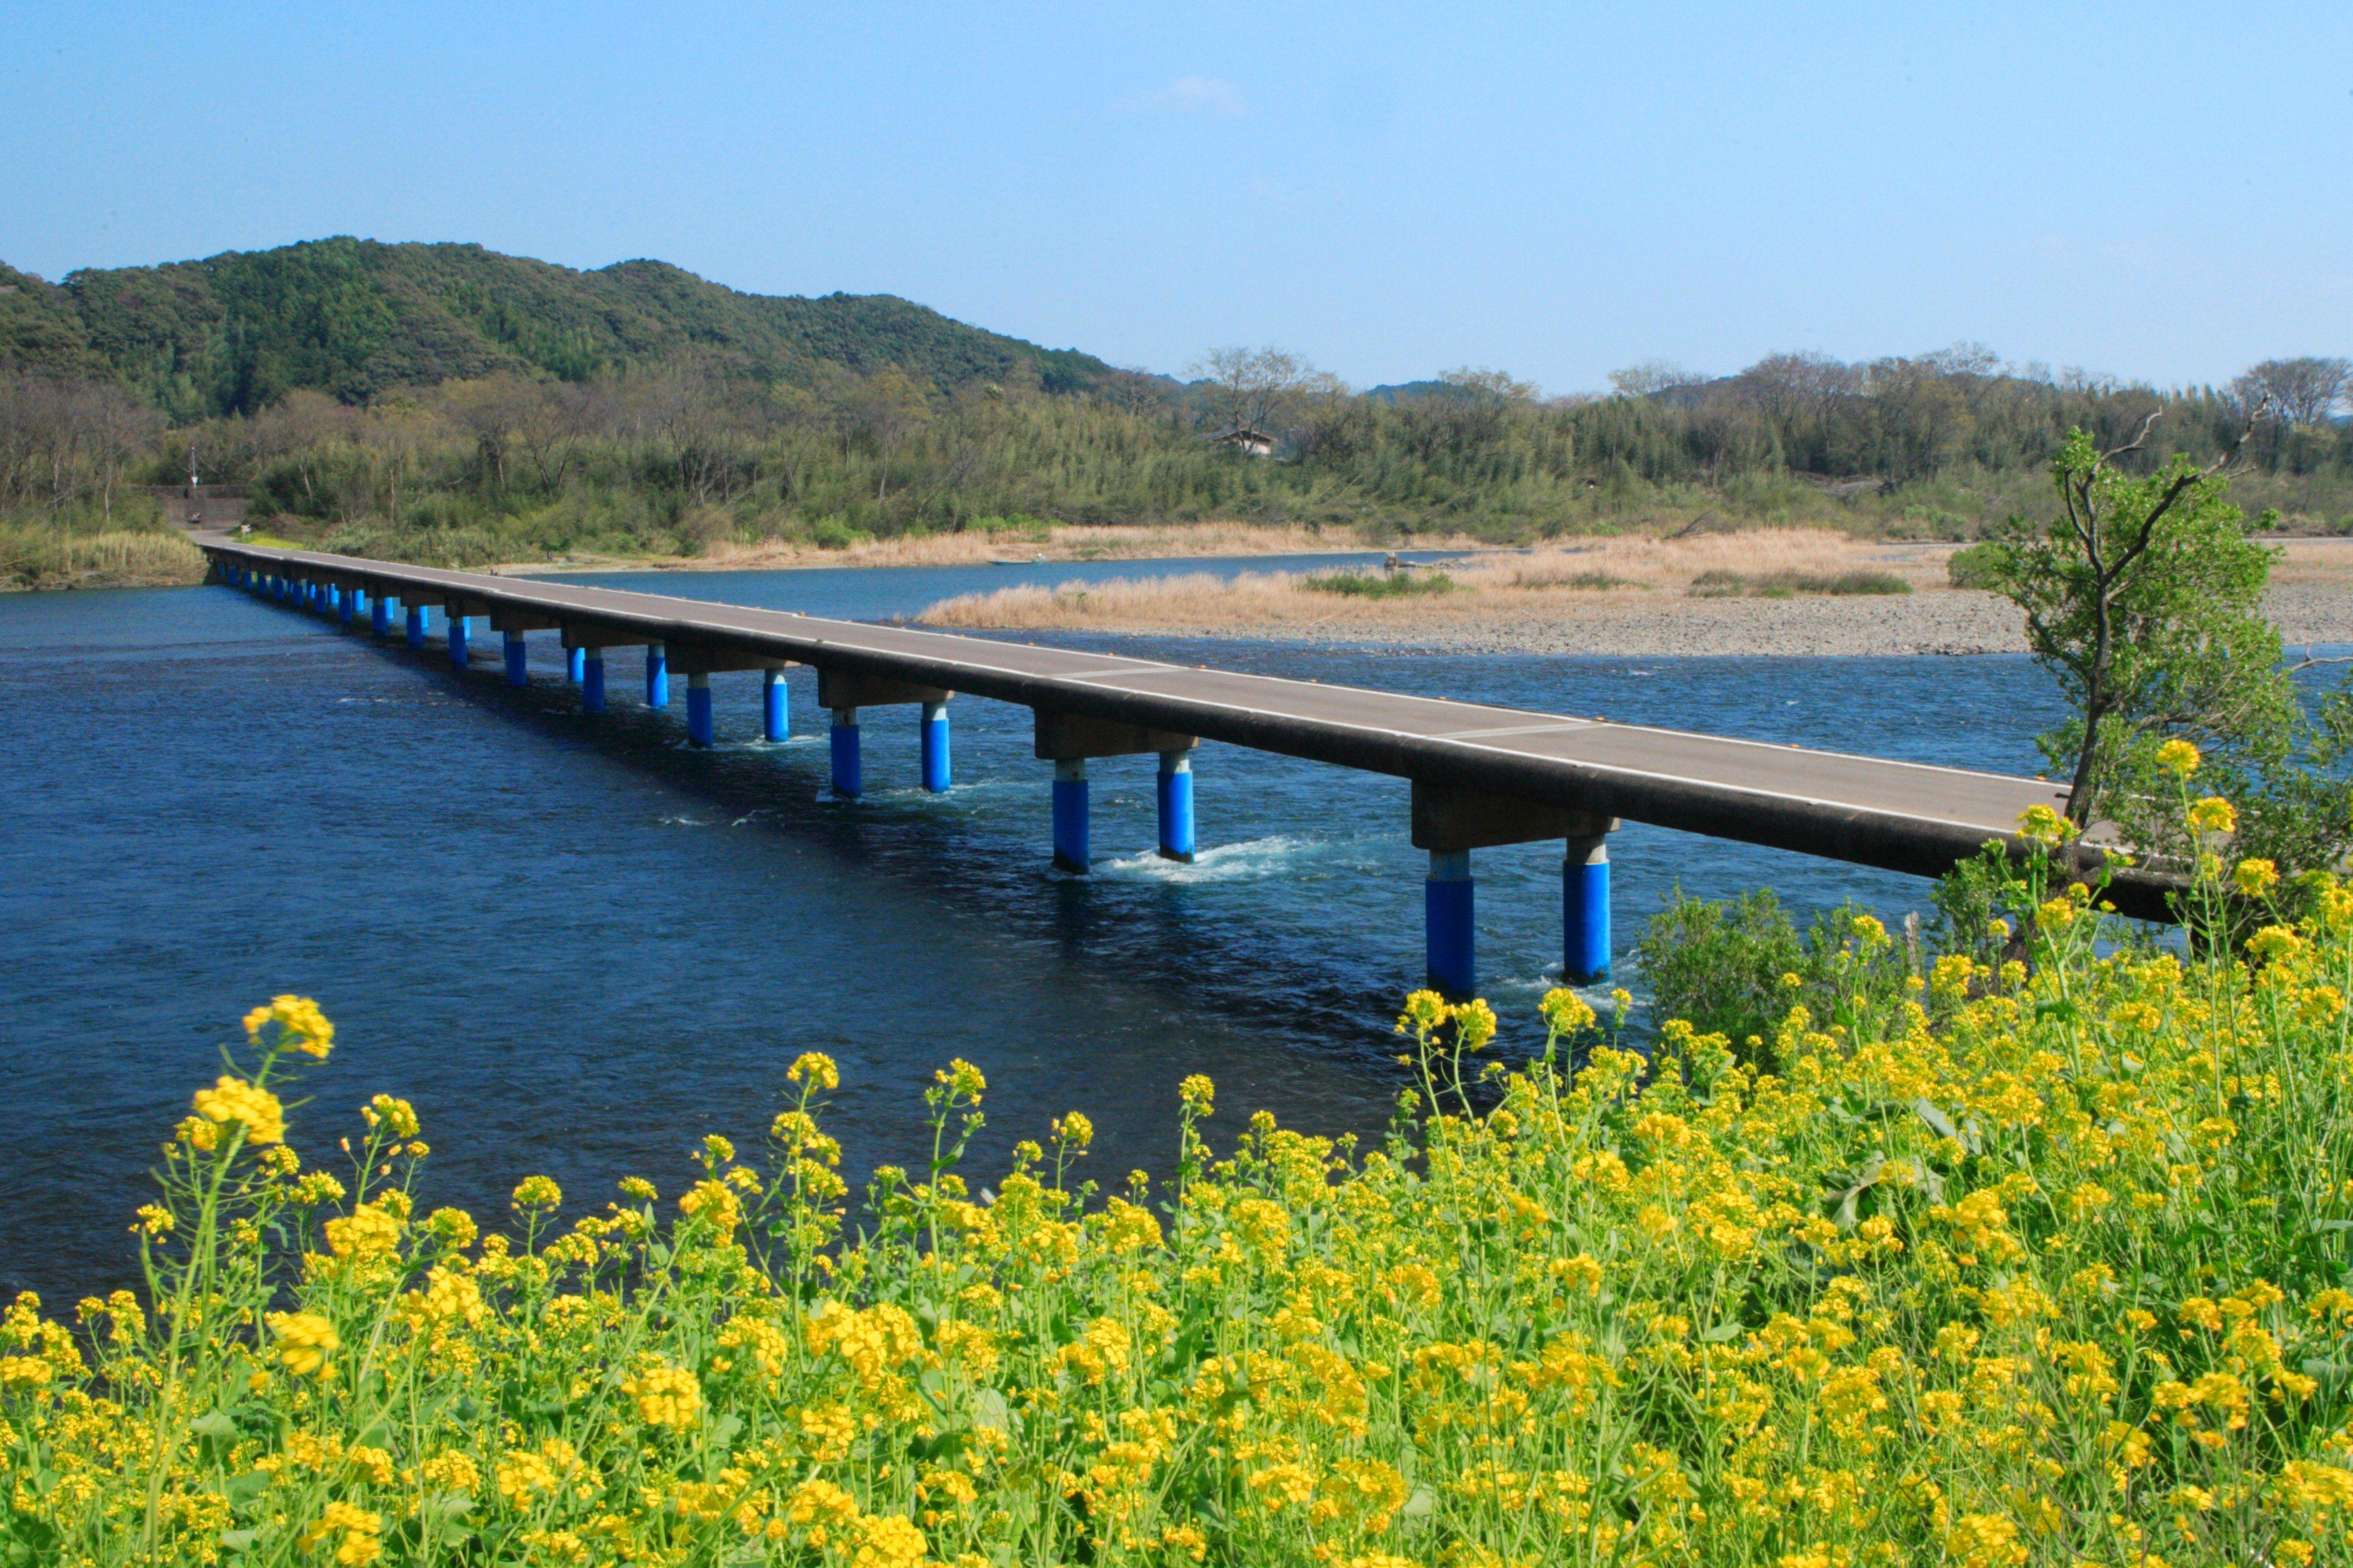 四万十川の沈下橋!おすすめはここ!佐田沈下橋が有名!アクセスなど